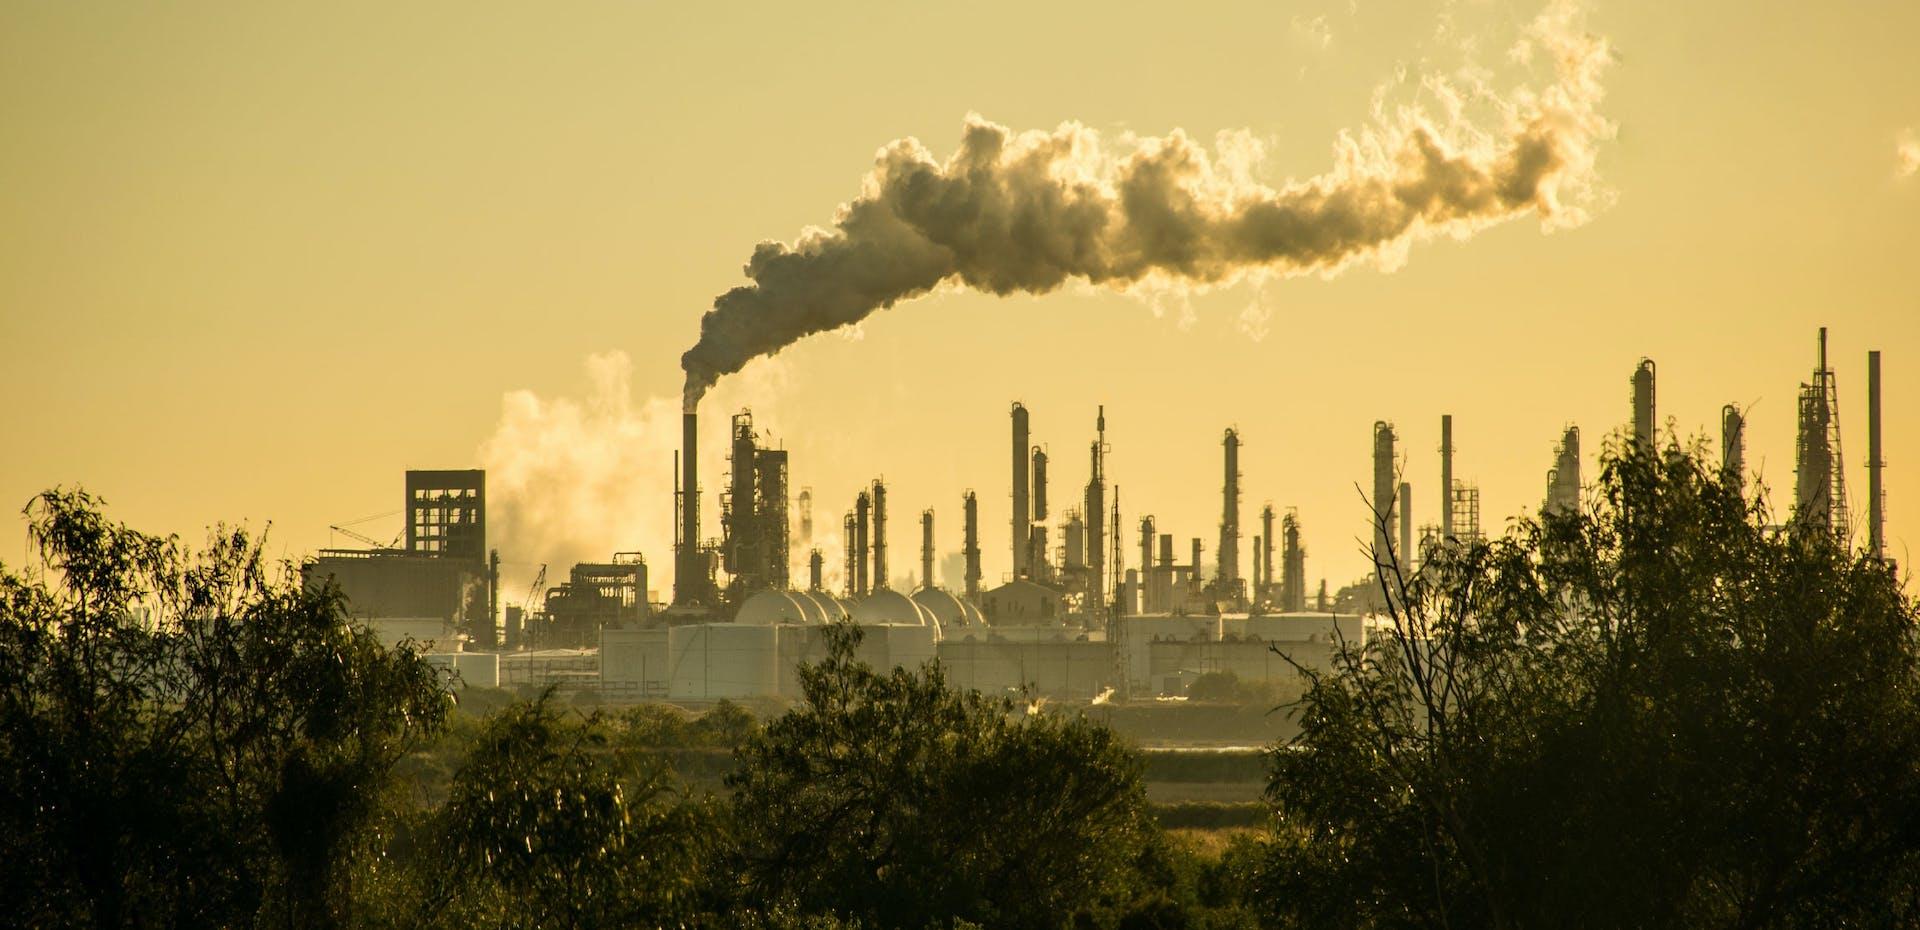 Drivhuseffekten og klimaet